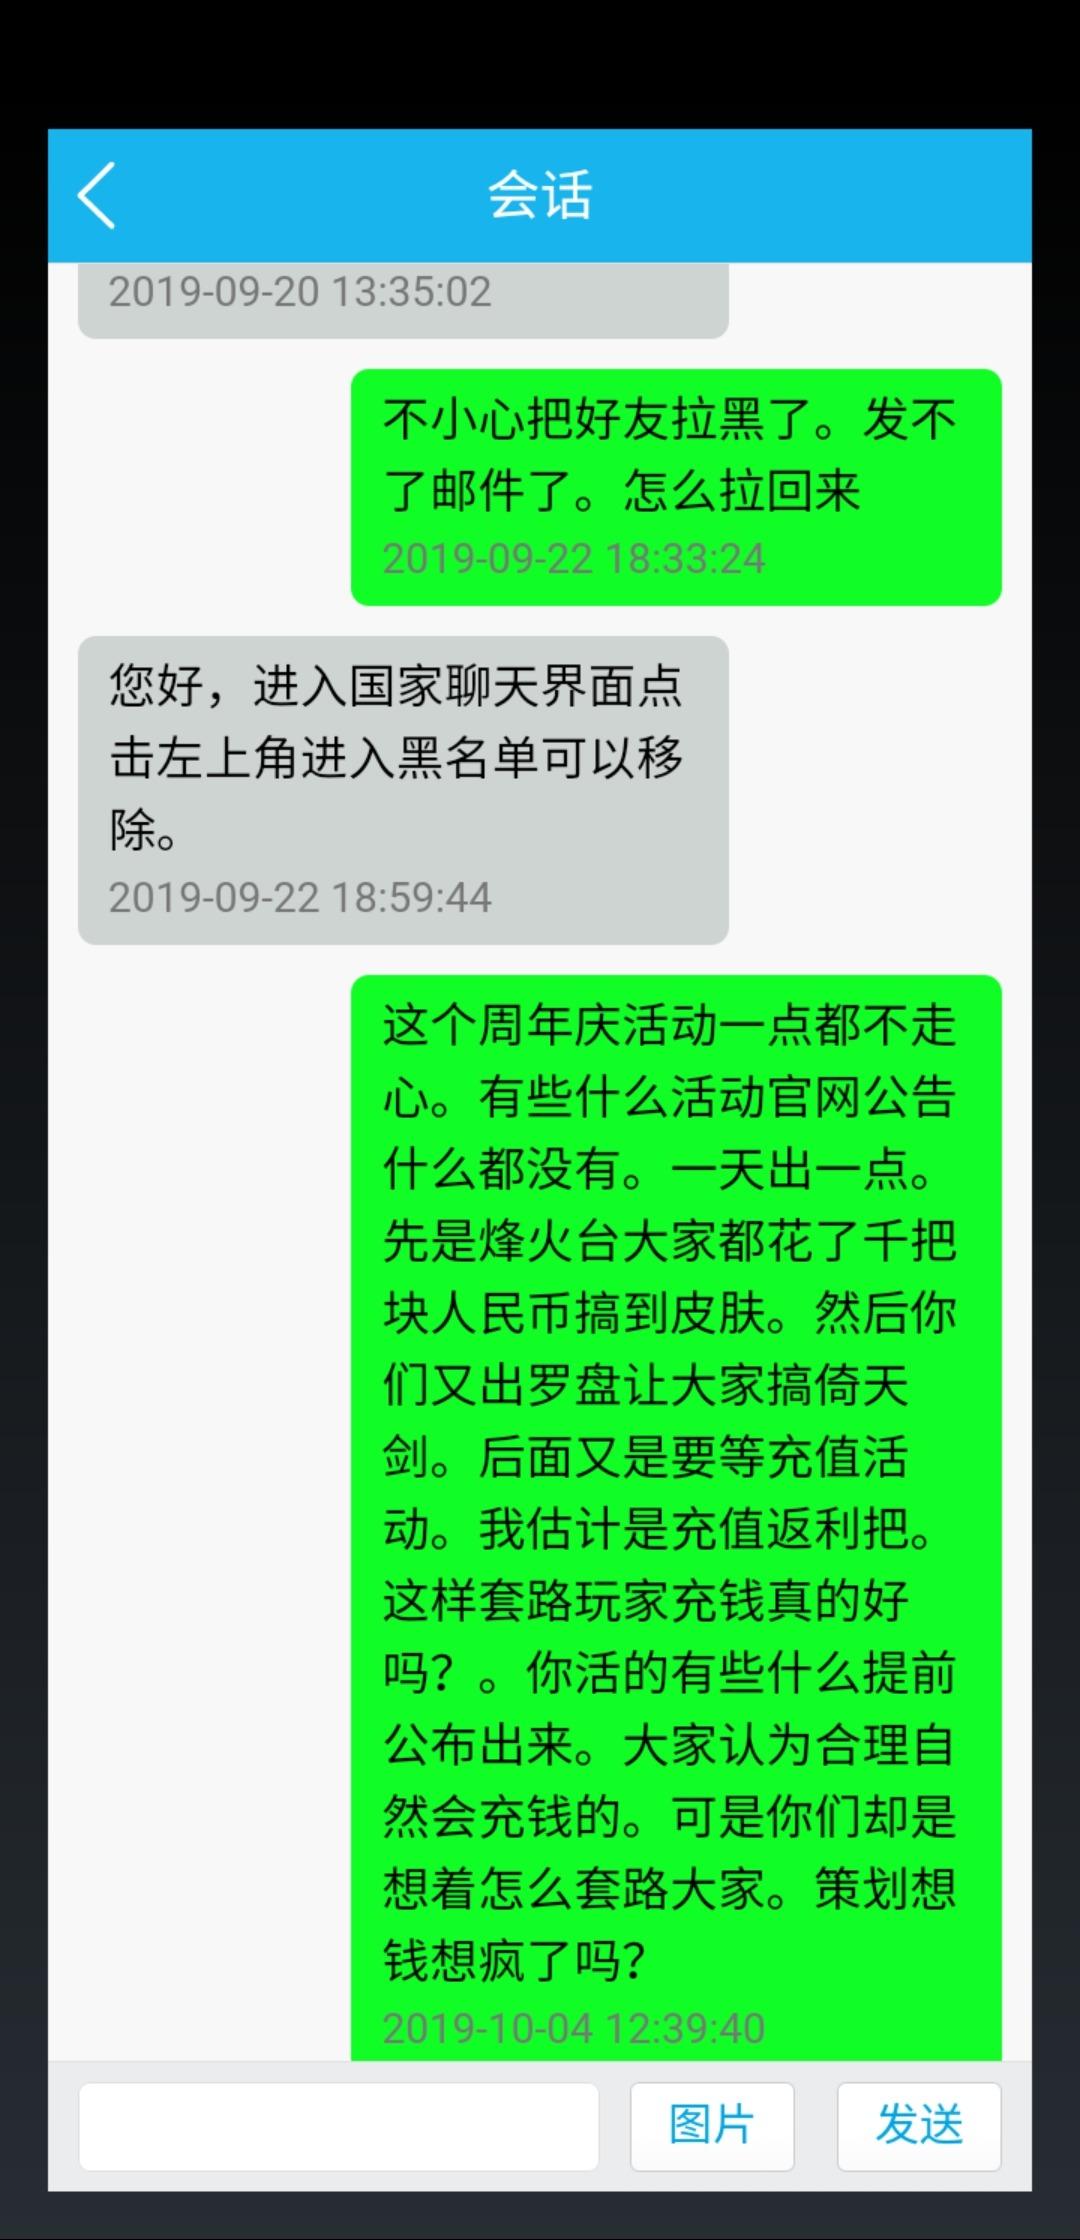 Screenshot_20191004_124011_juedi.tatuyin.rxsg.huawei.jpg